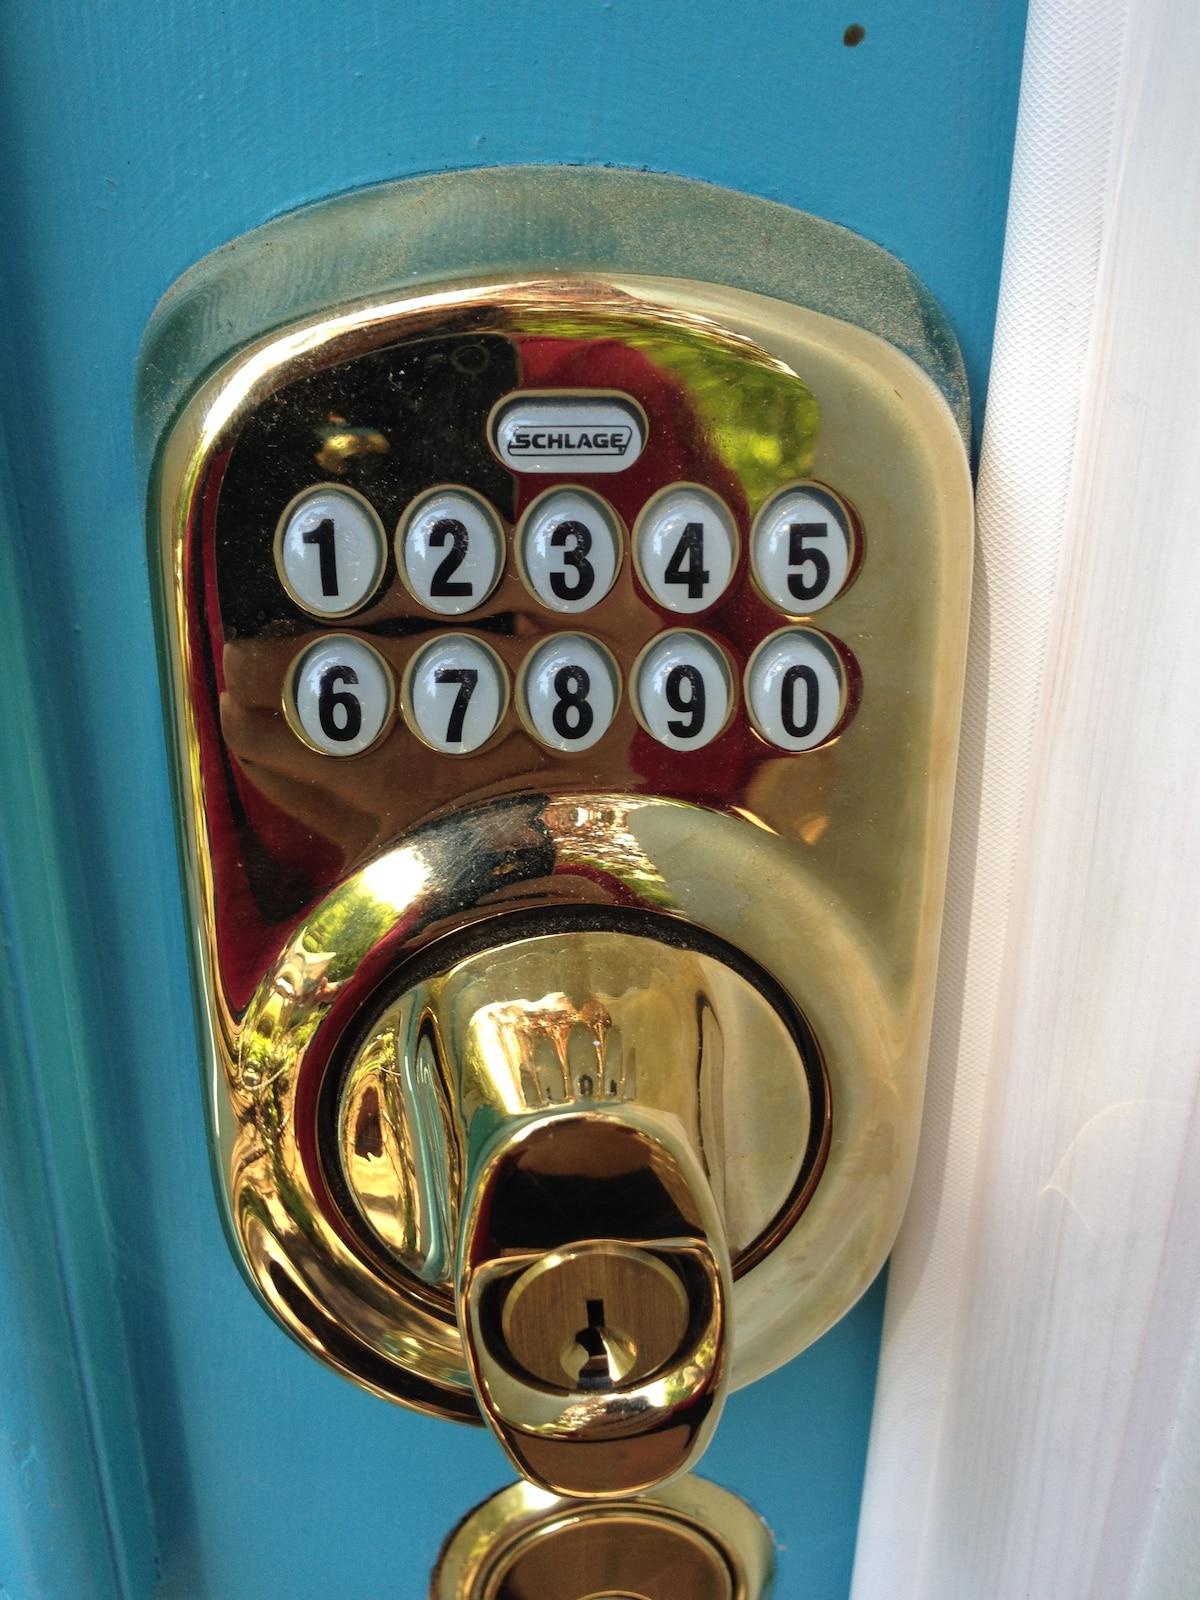 Combination lock on the front door = no key exchange!